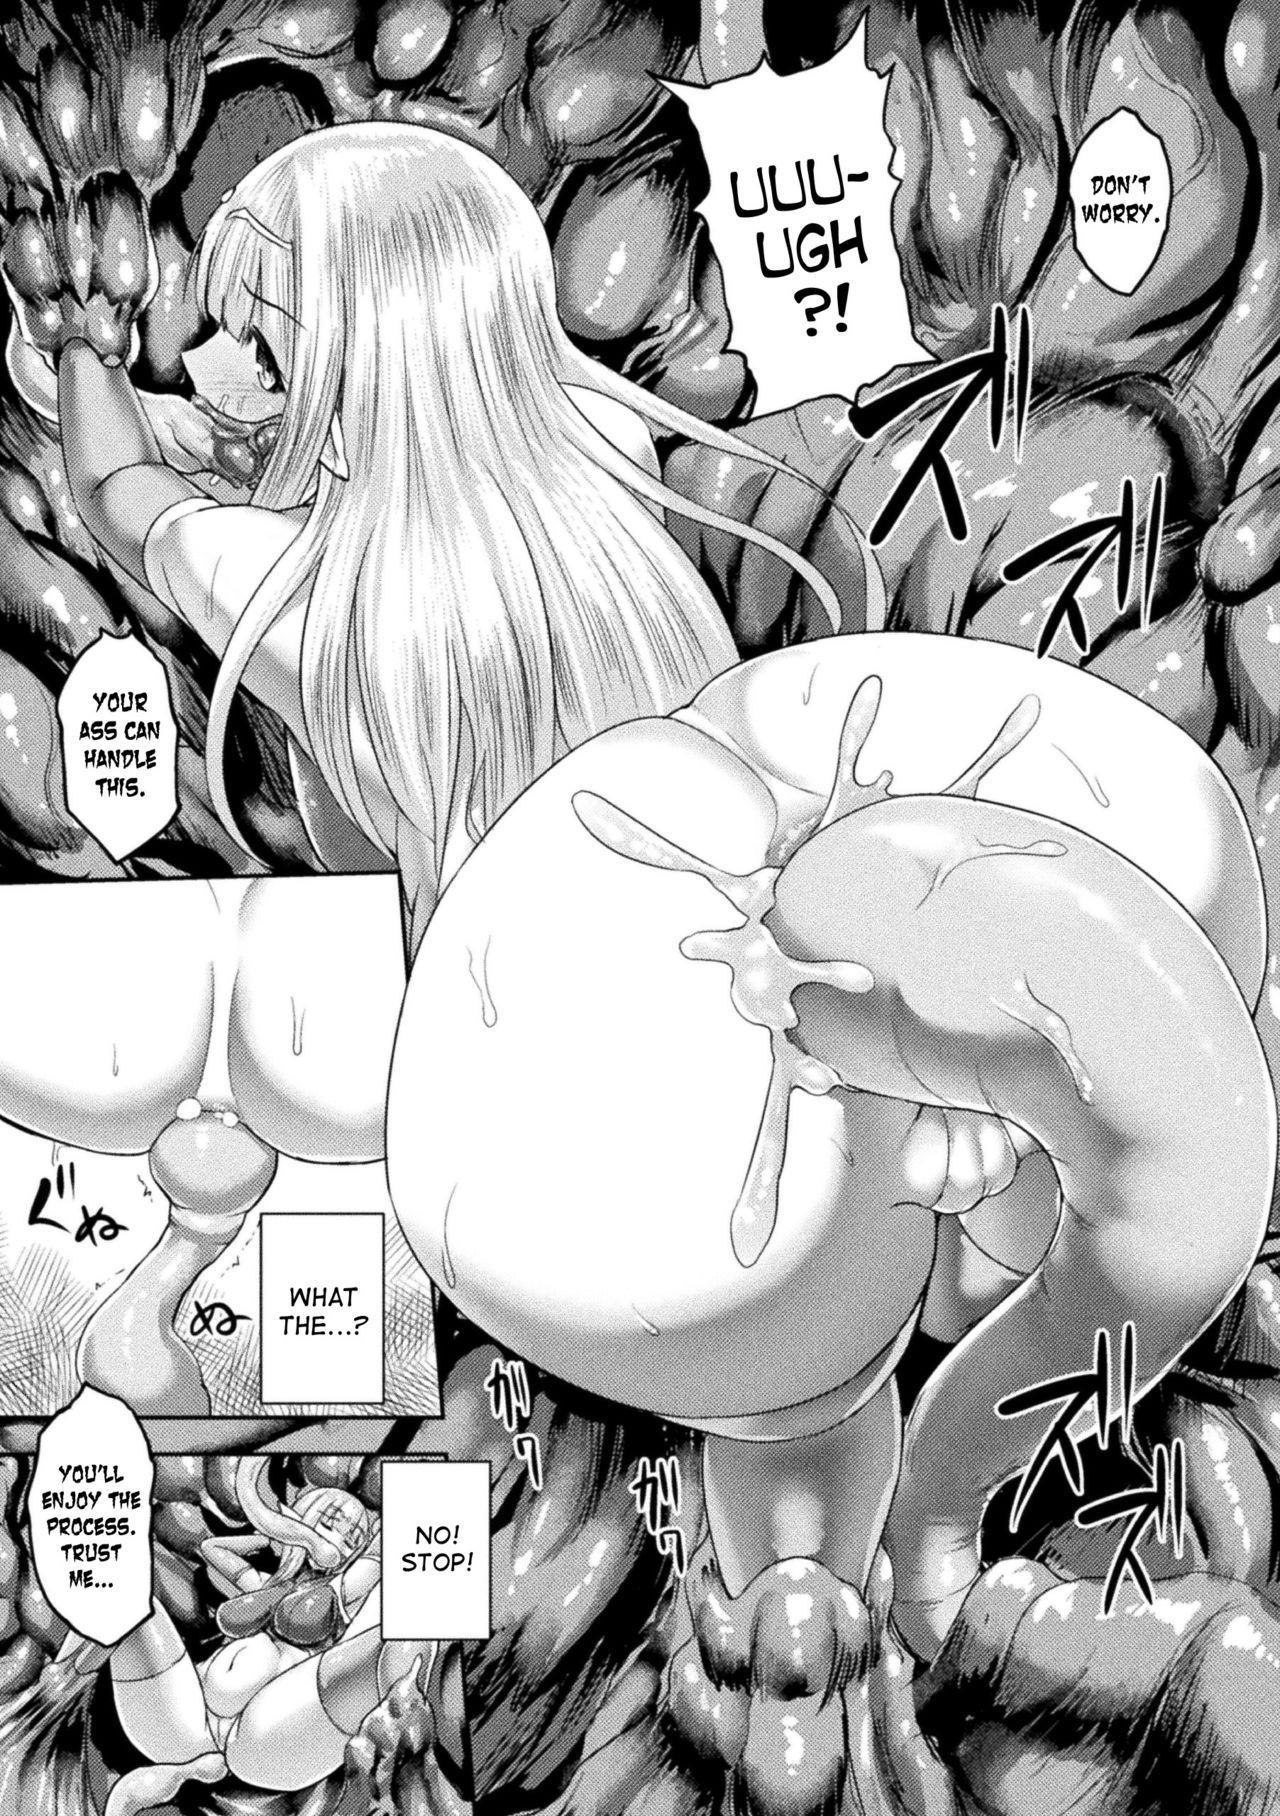 [Ishimiso] Niku no Mori ~Naedoko ni Sareta Elf~   The Forest of Flesh (2D Comic Magazine Marunomi Haramase Naedoko Acme! Vol. 2) [English] [desudesu] [Digital] 16